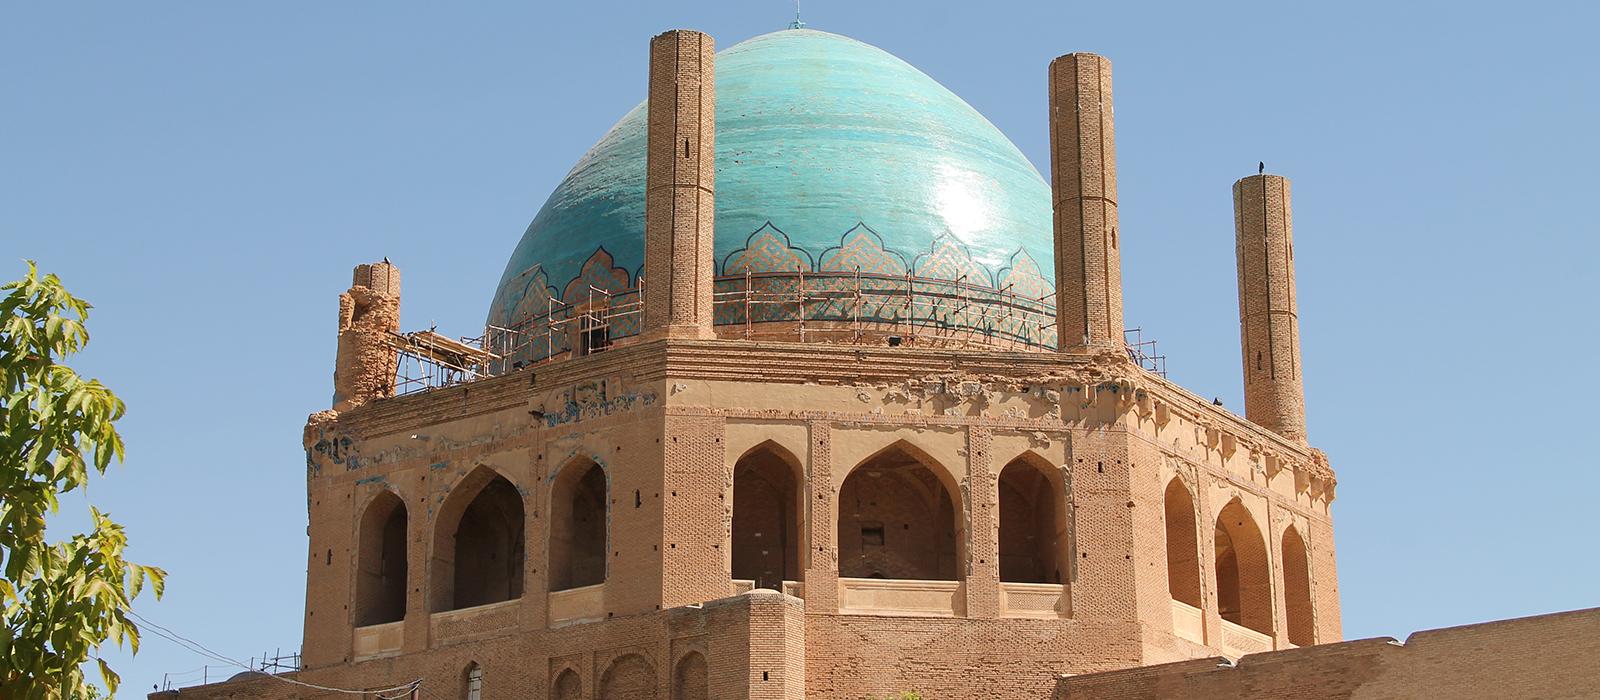 Voyage organisé en petit groupe - Soltanyeh Dome - Zanjan - Iran - Agence de voyage Les Routes du Monde